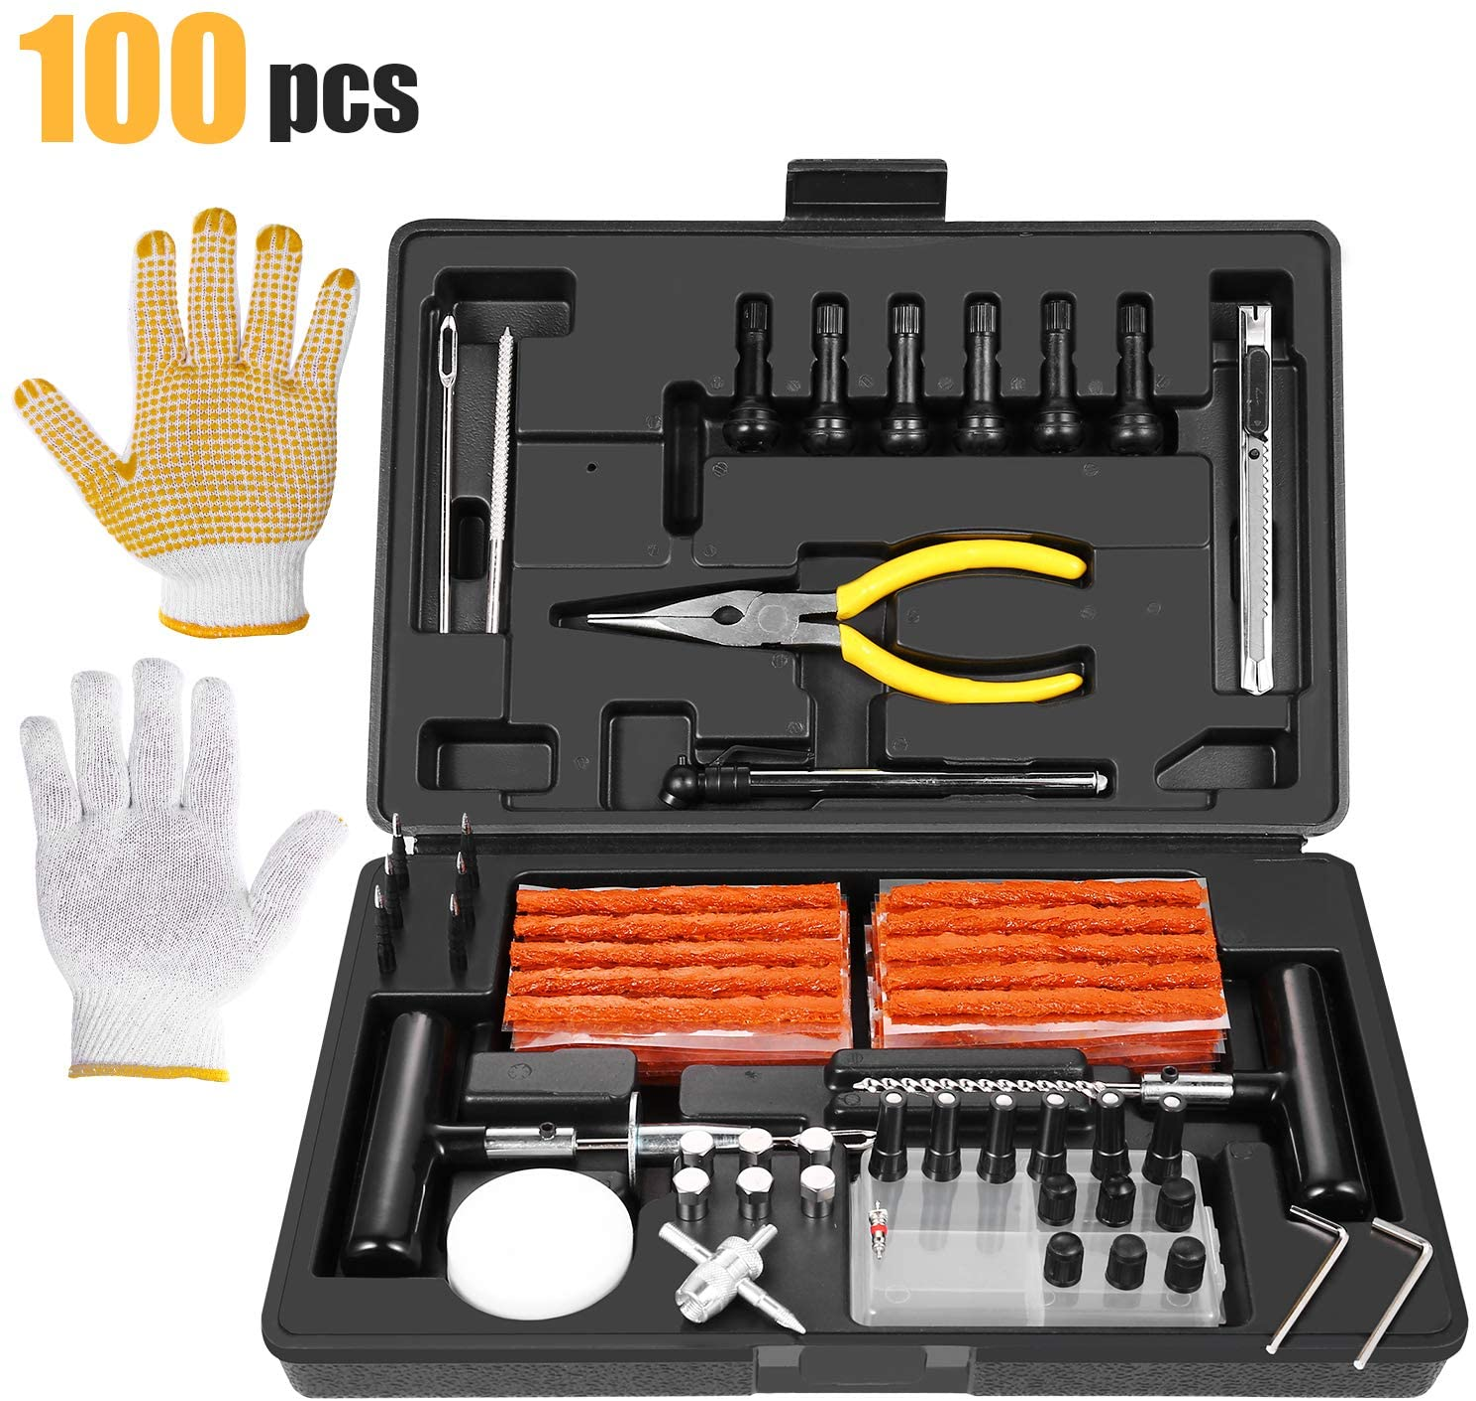 Kit de Reparación de Neumáticos 100pcs, TECCPO Reparación de Neumáticos con Mechas para llantas, Herramientas Automotrices Punción Multifuncional con Maleta Negra, Guantes, Clavos de Reparación Rápida